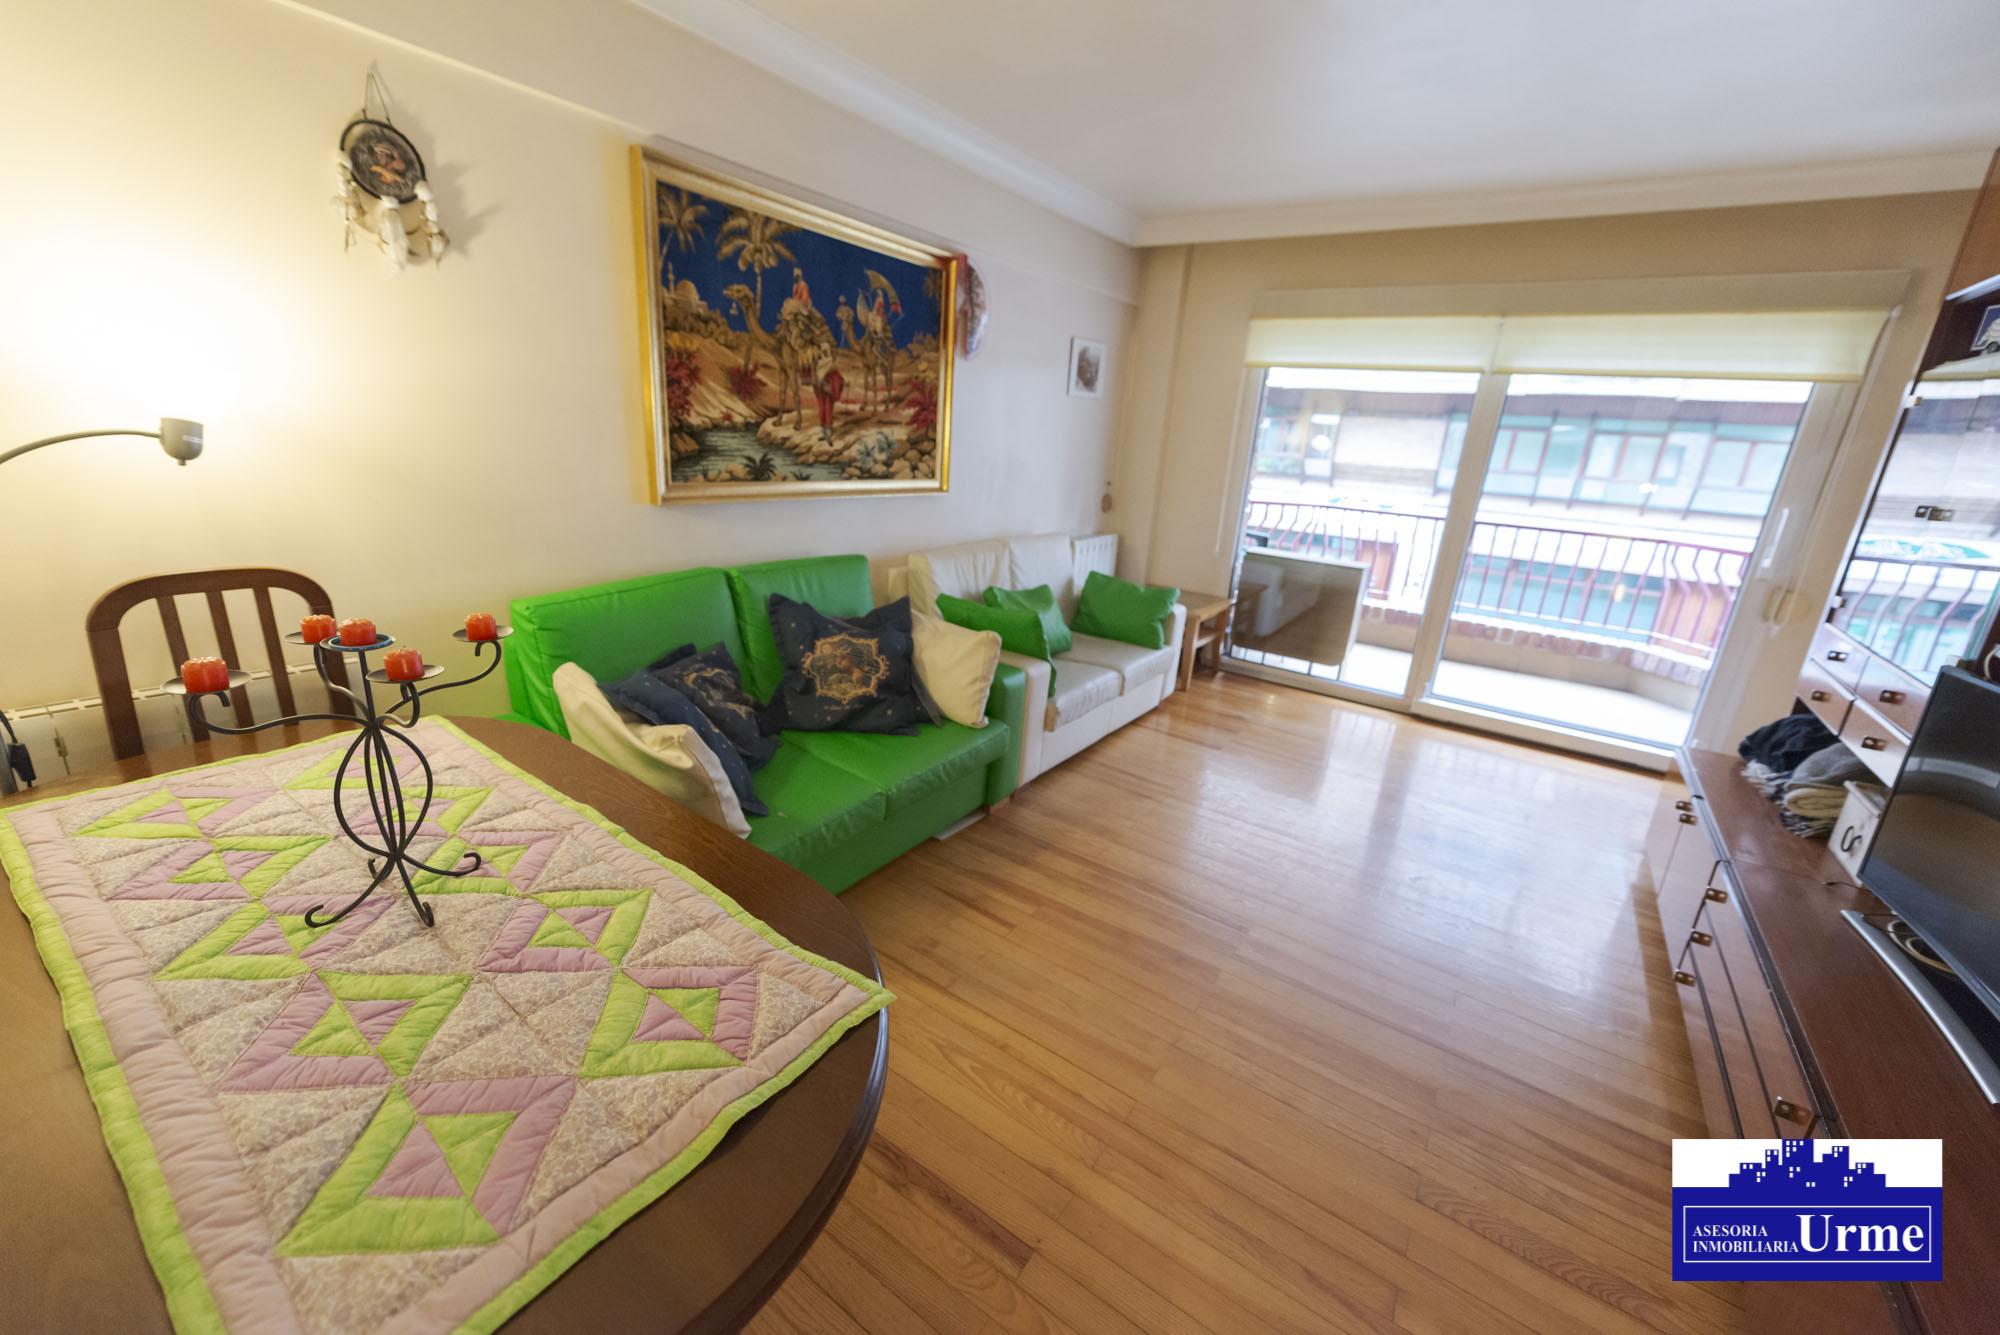 Centrico,zona fronton Uranzu,Duplex, 4 dormitorios, gran salon, cocina equipada,dos baños.Soleado!!!